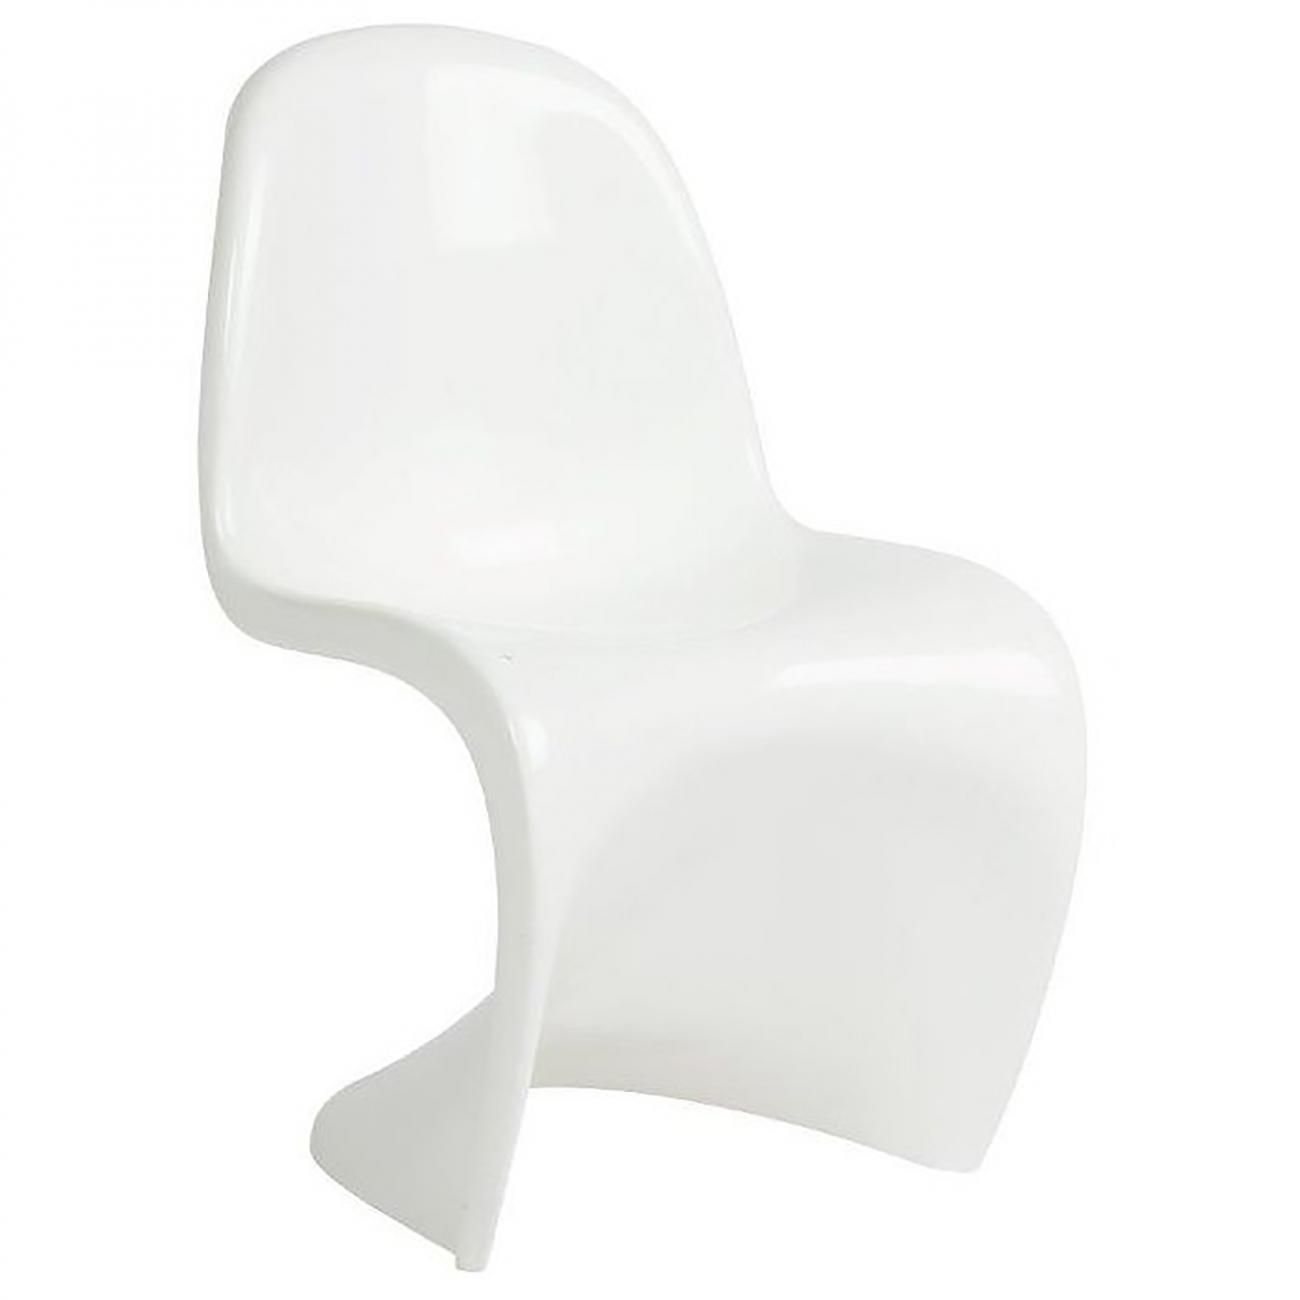 Купить Детский стул Pantone Белый в интернет магазине дизайнерской мебели и аксессуаров для дома и дачи